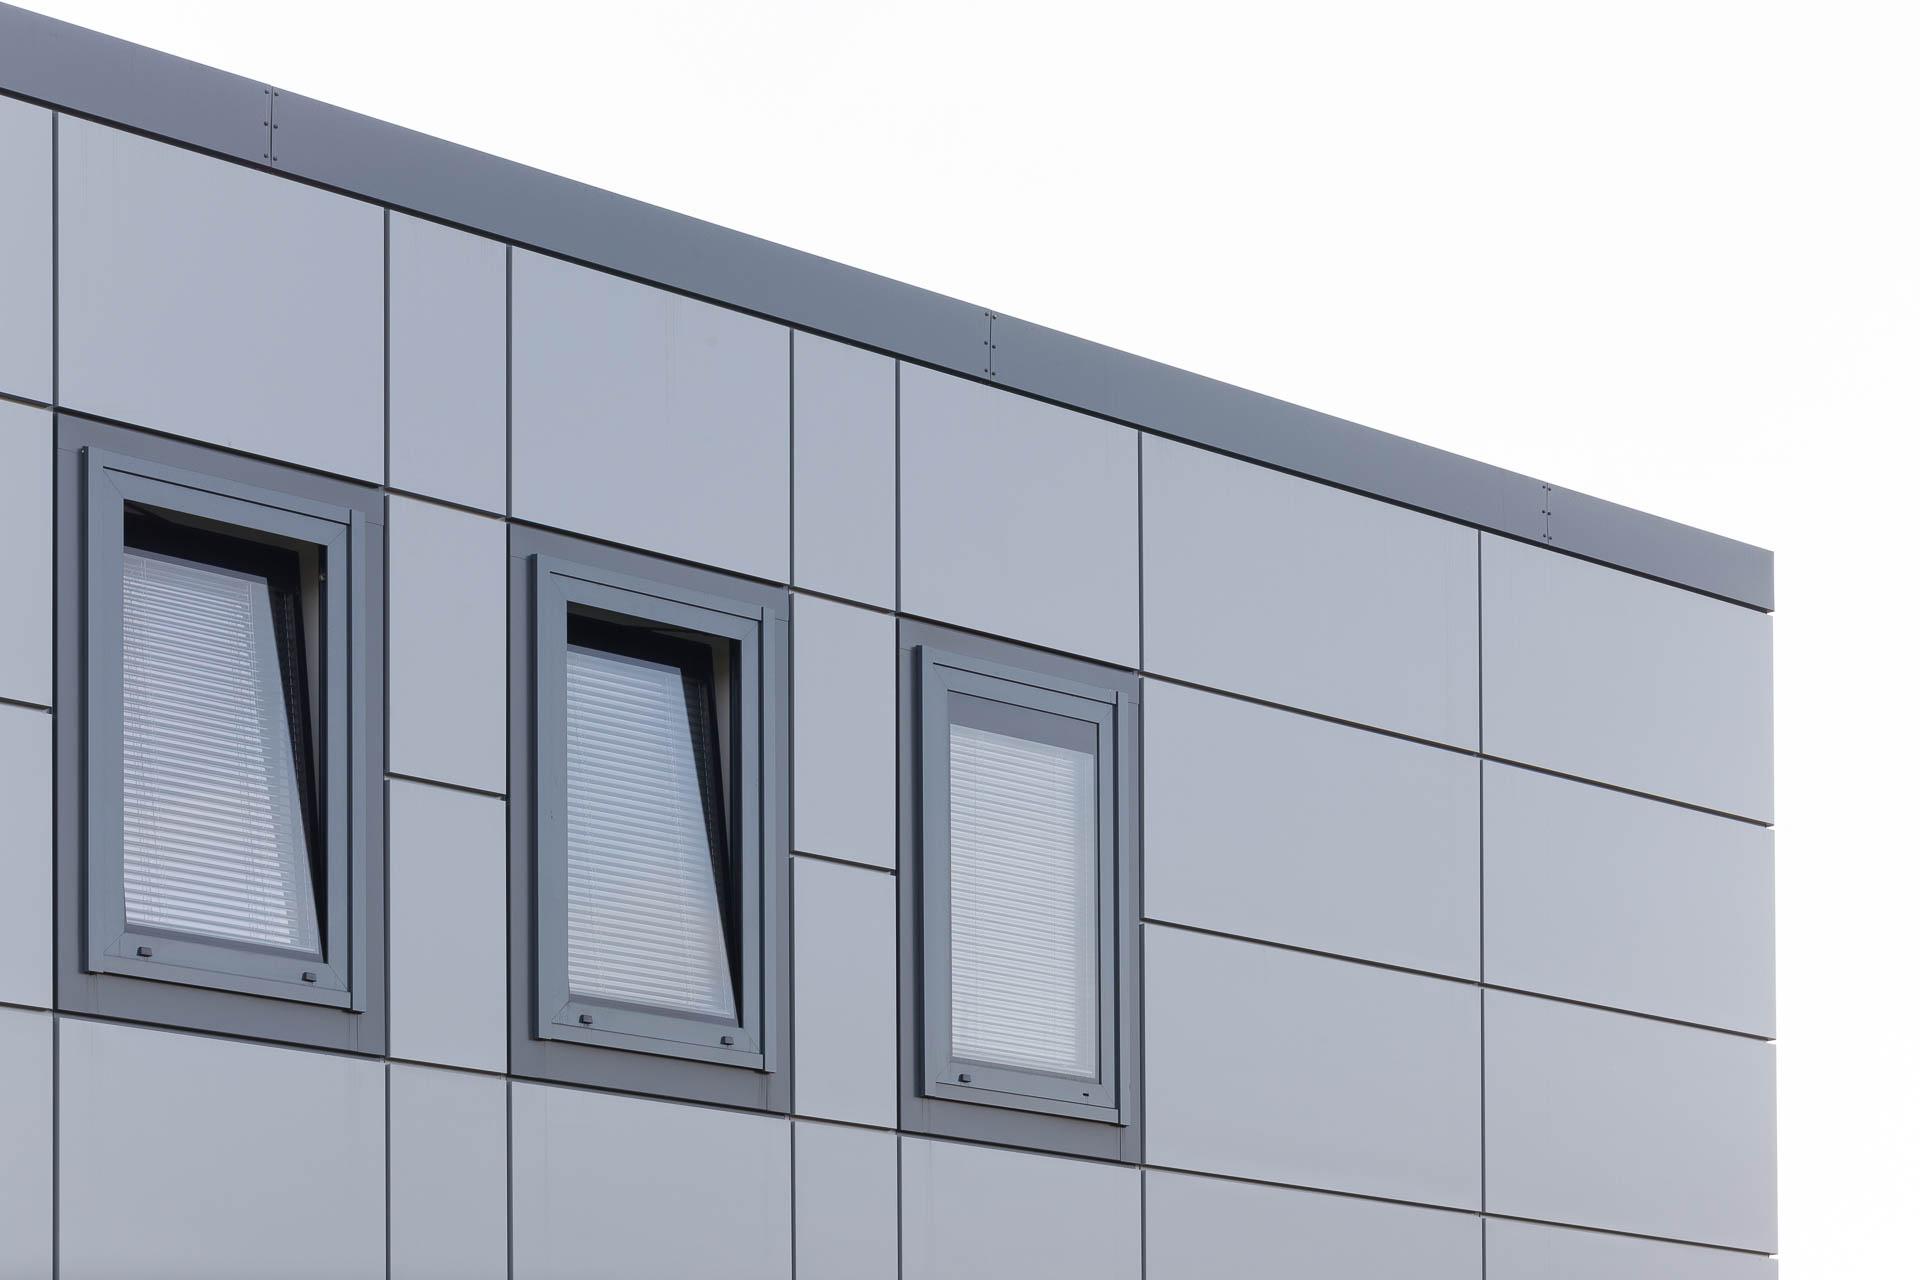 Cortenstahlfassade und Metallfenster